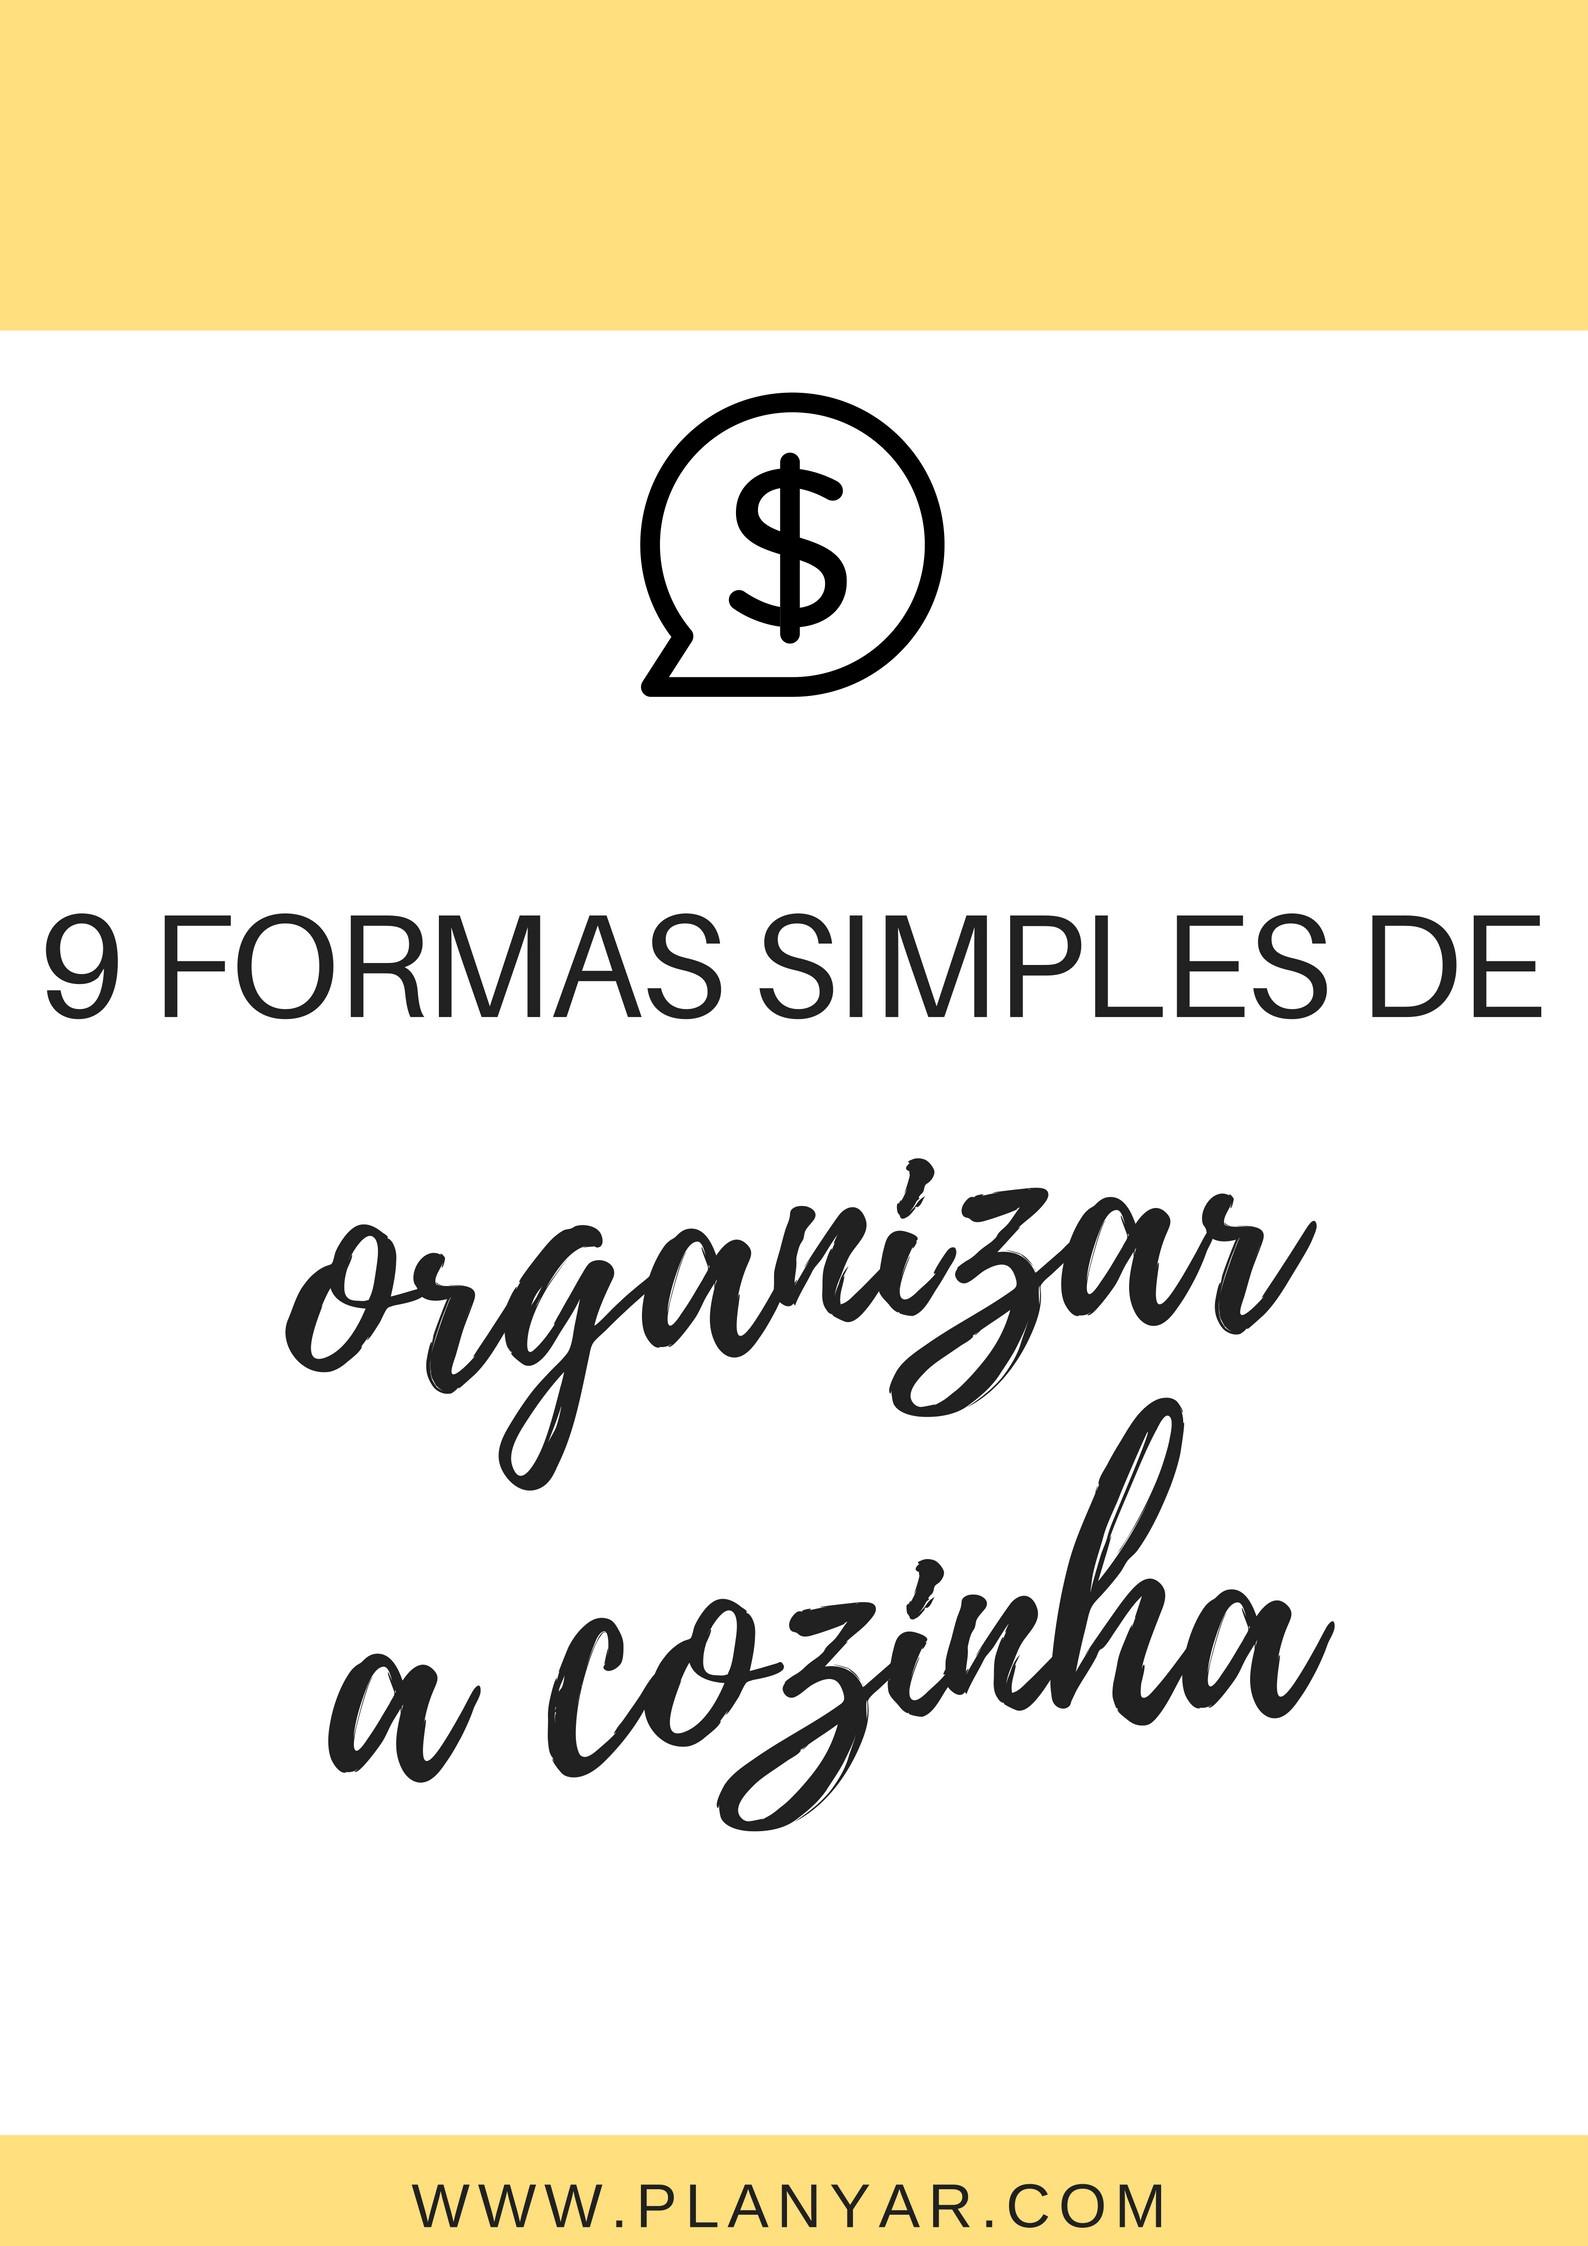 9 dicas simples e ilustradas para que possas e§ar já a deixar a tua cozinha organizada